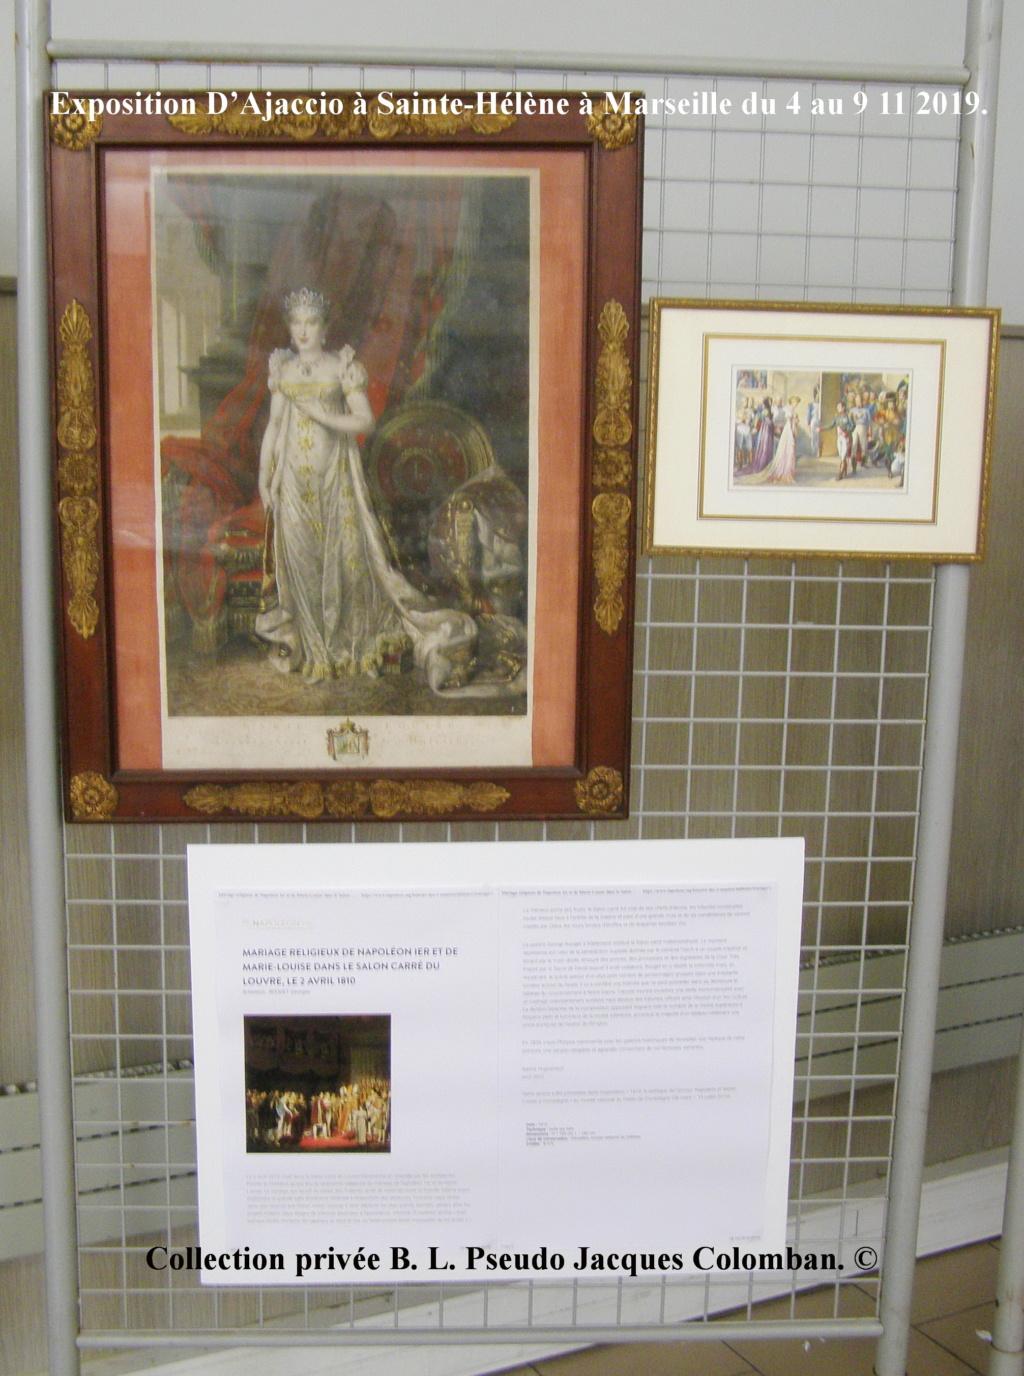 Exposition D'Ajaccio à Sainte-Hélène à Marseille. 1010